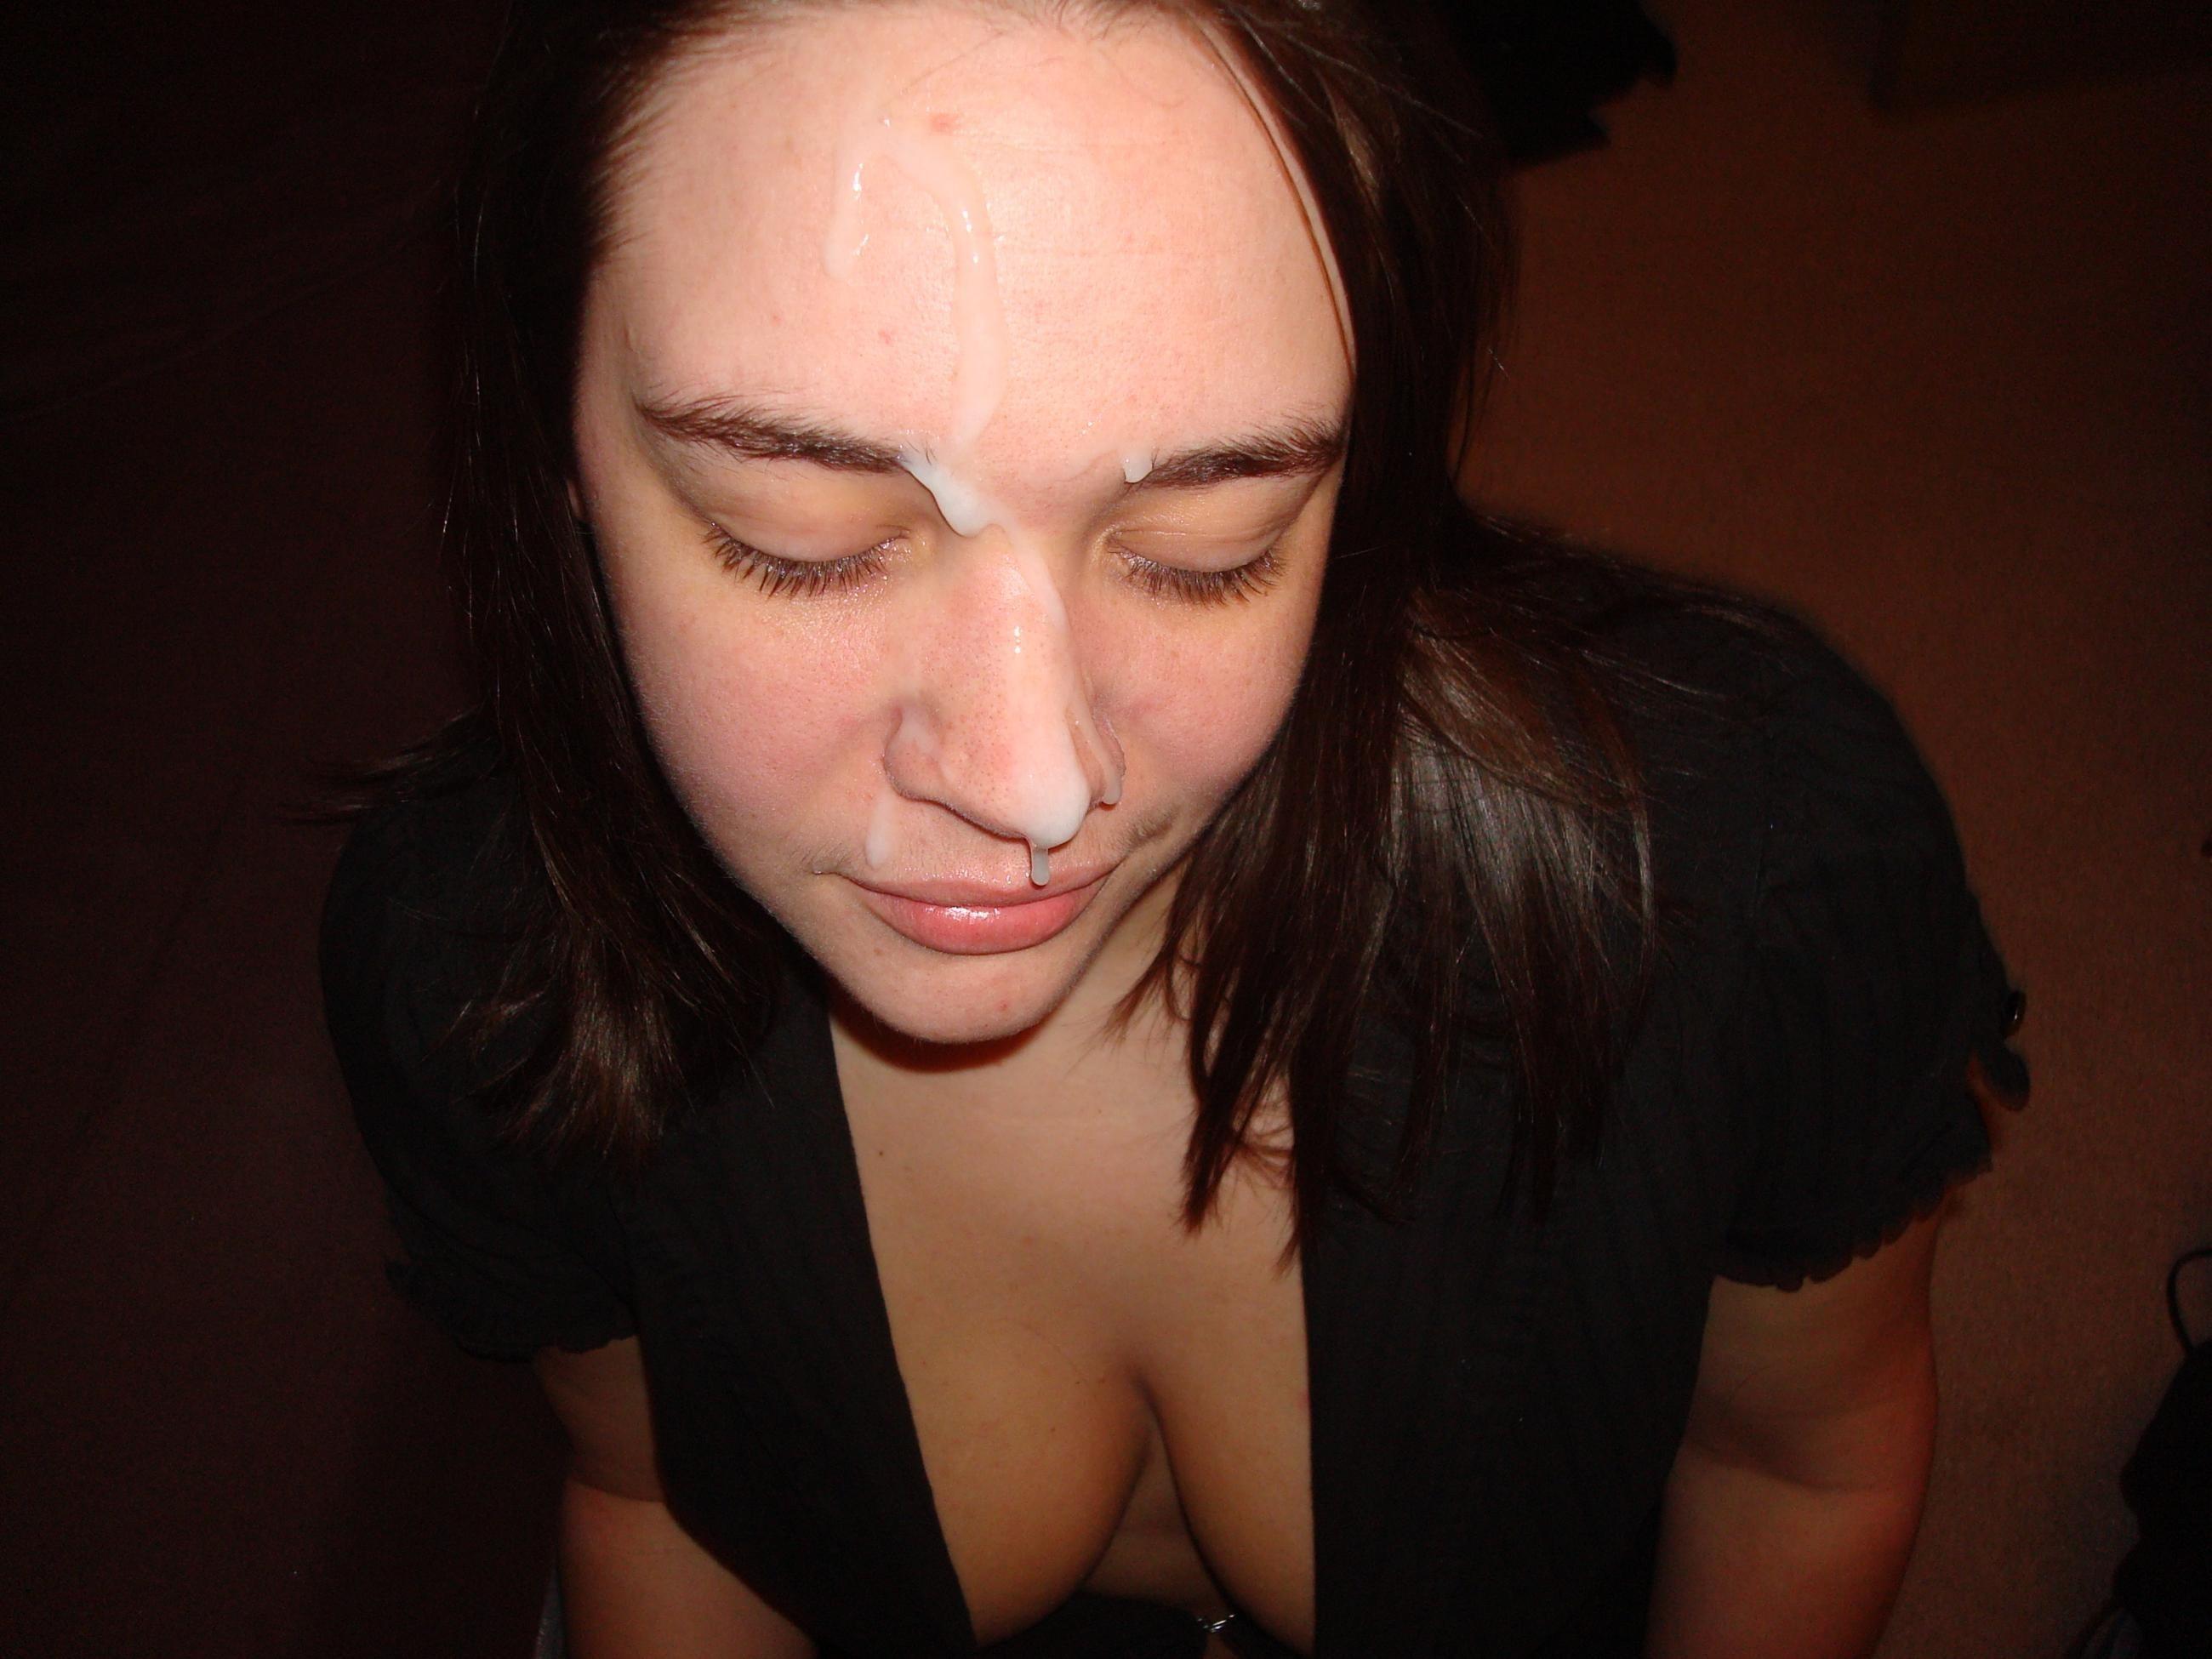 Фотографии девушек с спермой на лице, Сперма на лице женщин домашнее фото частное порно 2 фотография